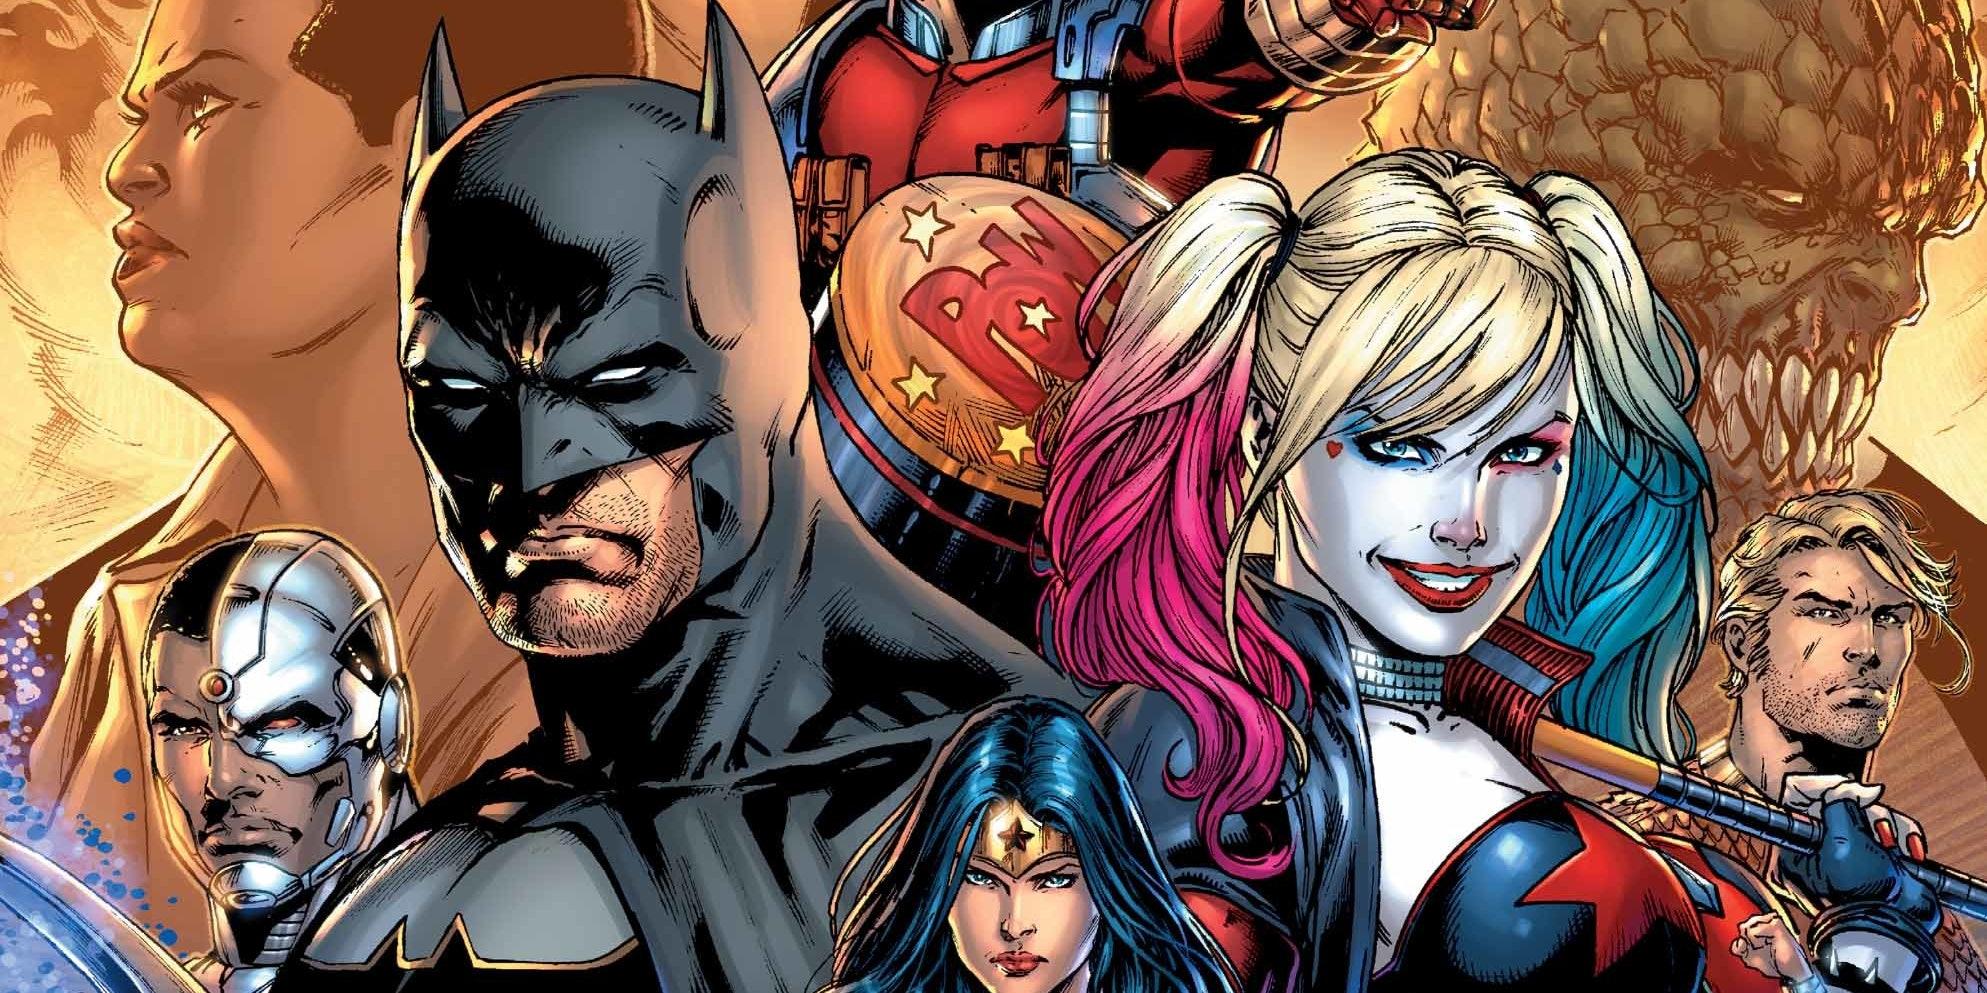 'Justice League vs. Suicide Squad' Villain Thinks Like Batman